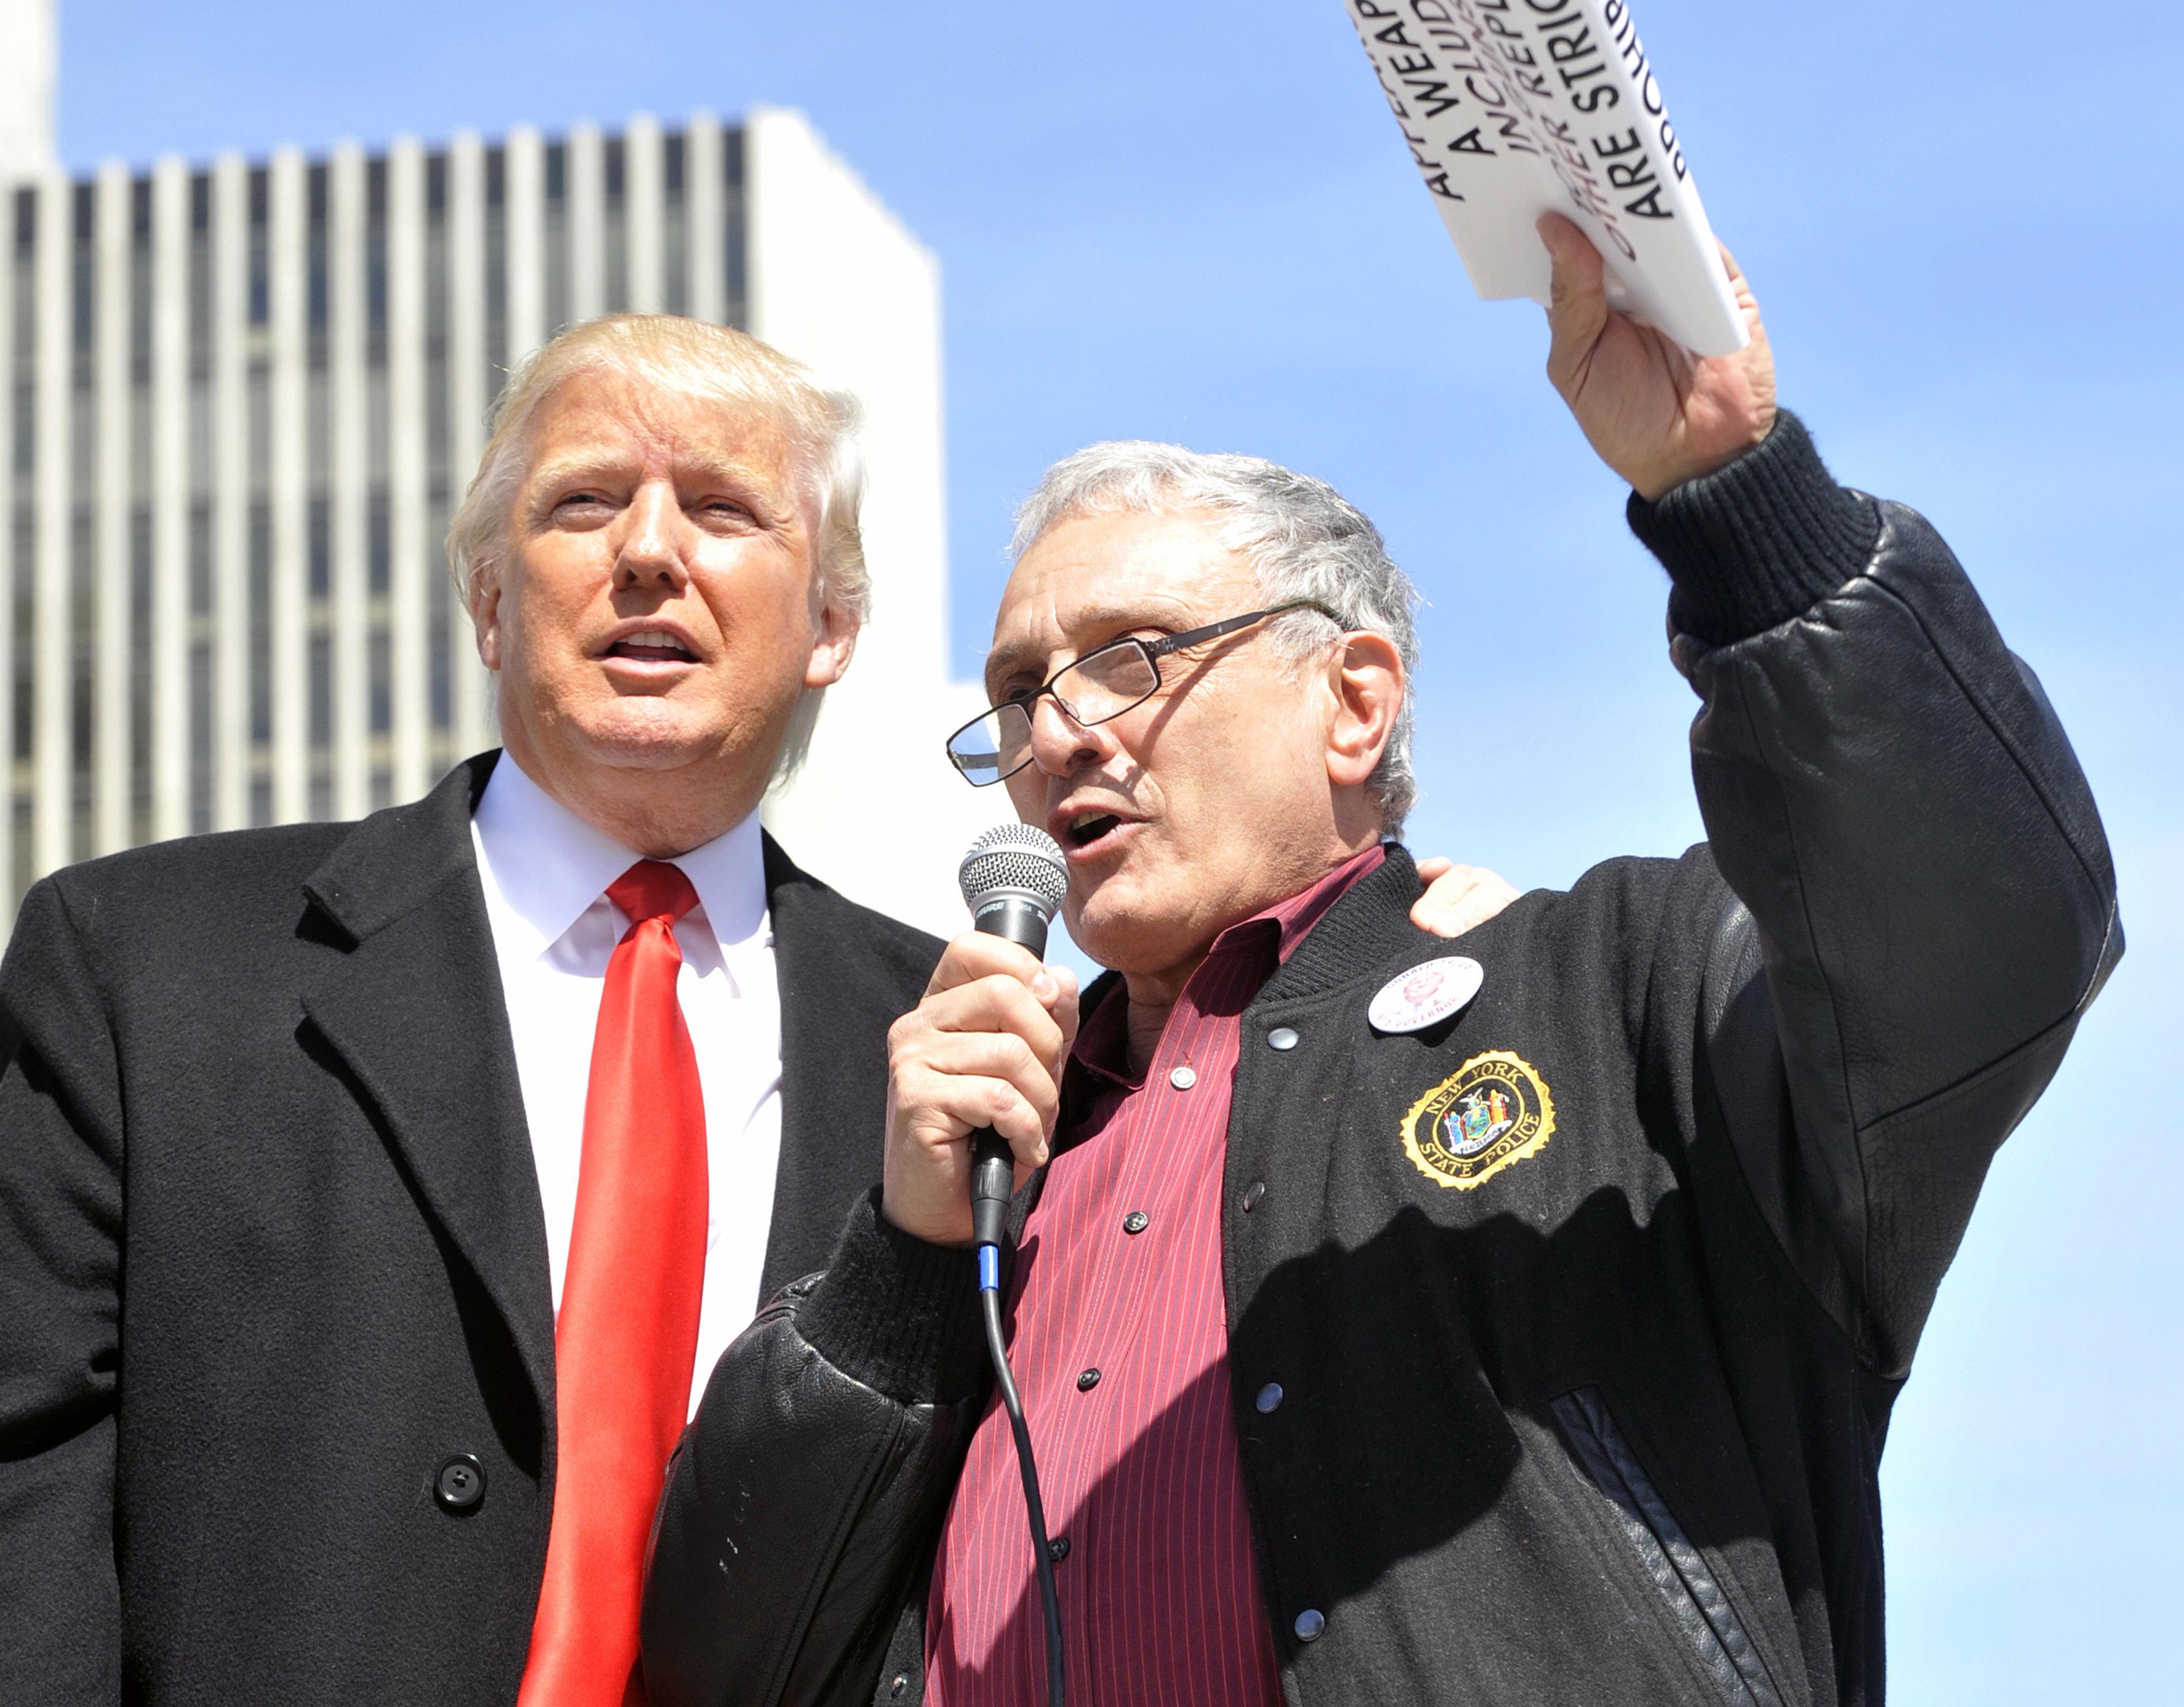 Carl Paladino has been an outspoken ally of Donald Trump.